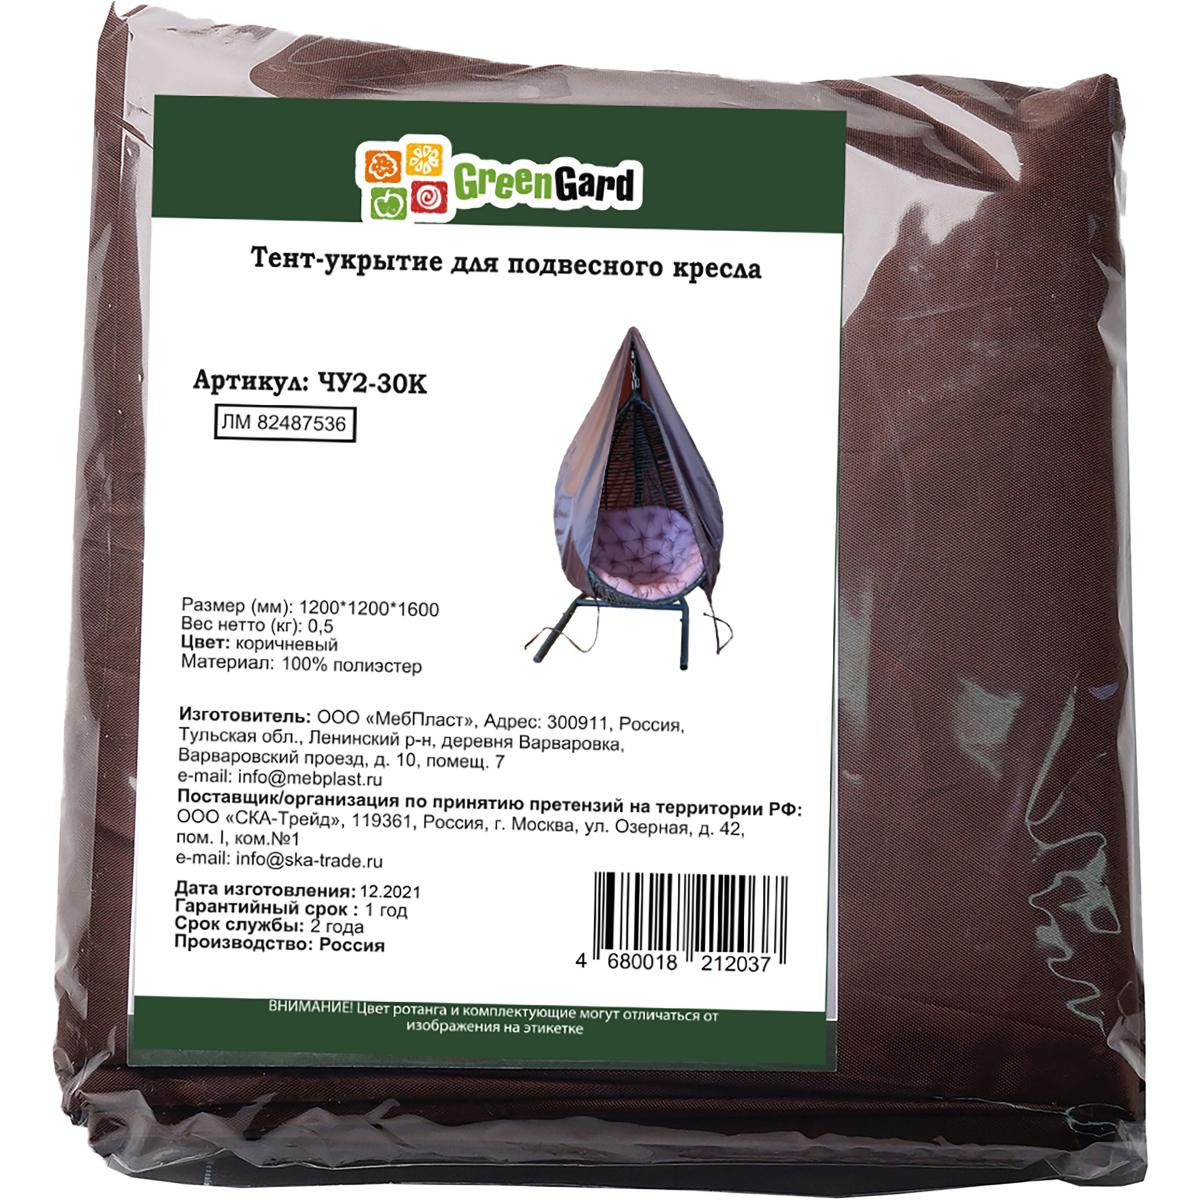 Тент-укрытие для подвесного кресла